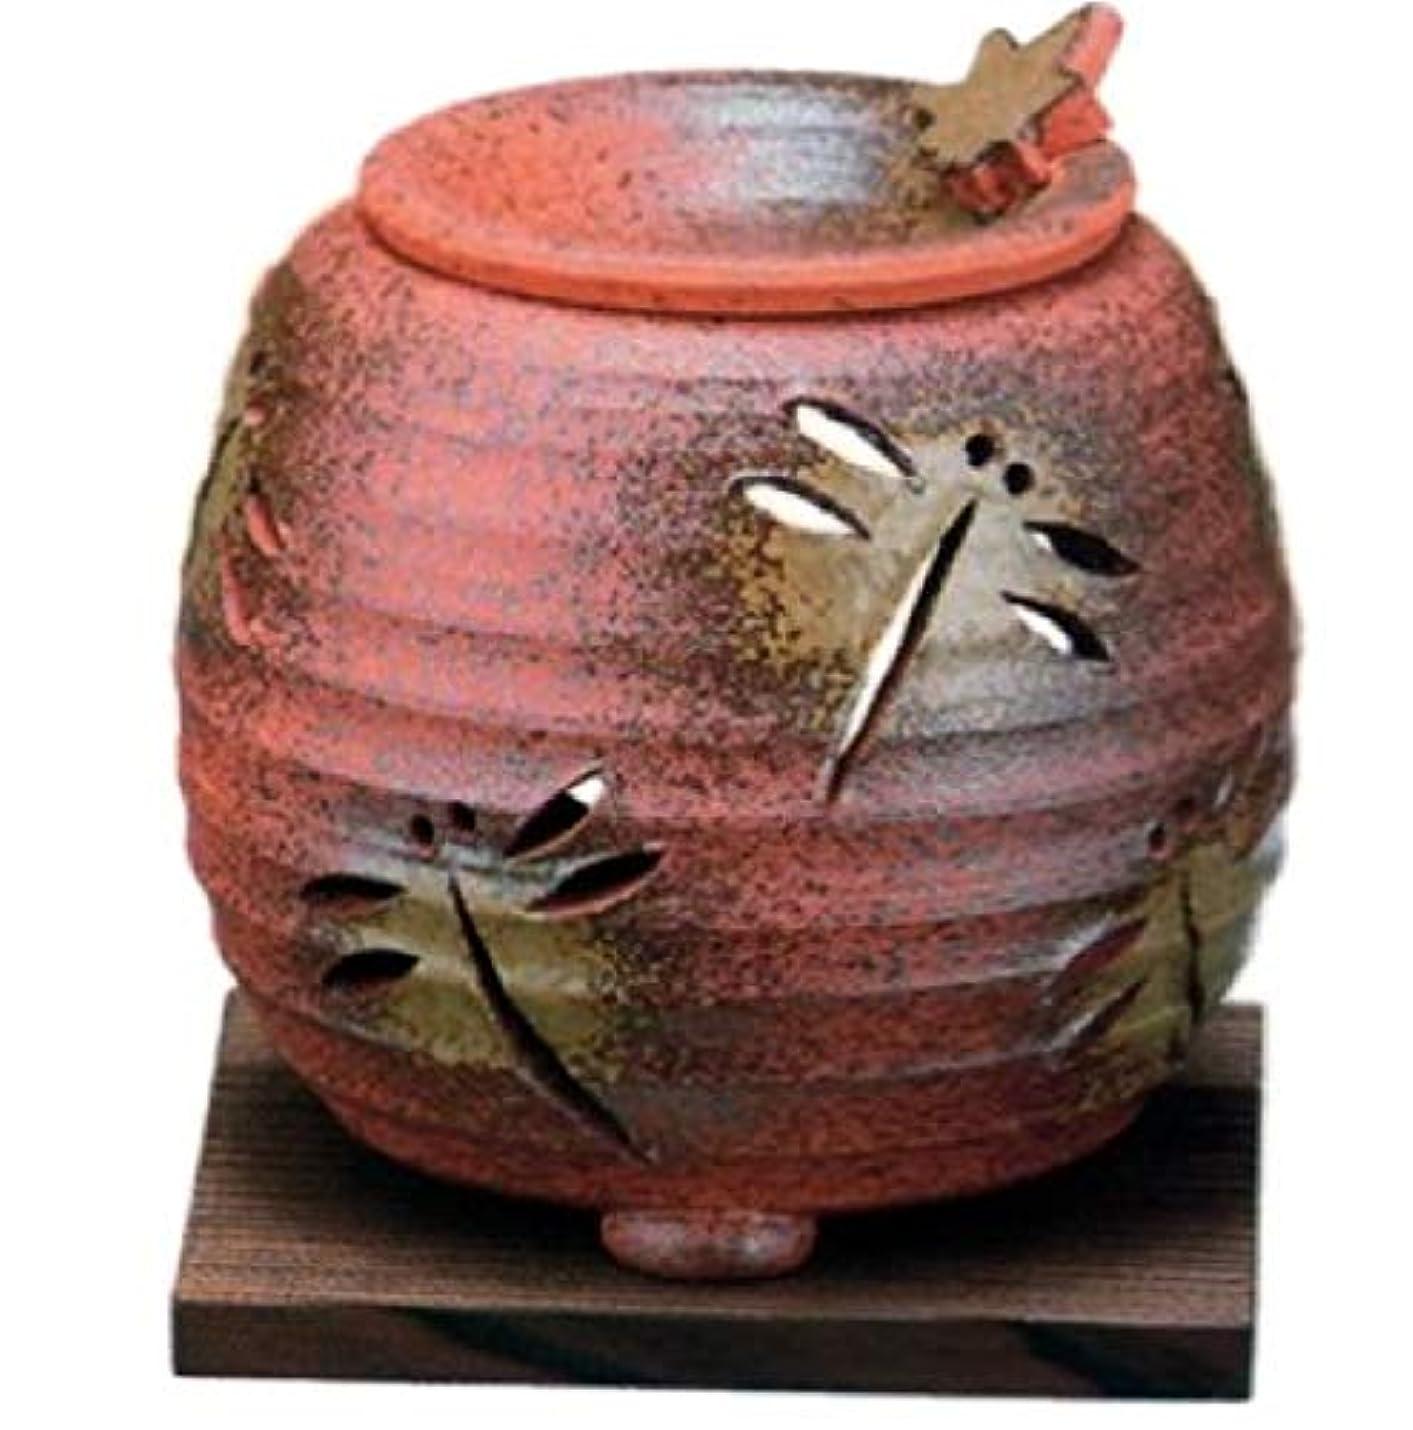 最初は教育する階下常滑焼 3-830 石龍焼〆千段トンボ茶香炉 石龍φ11×H11㎝